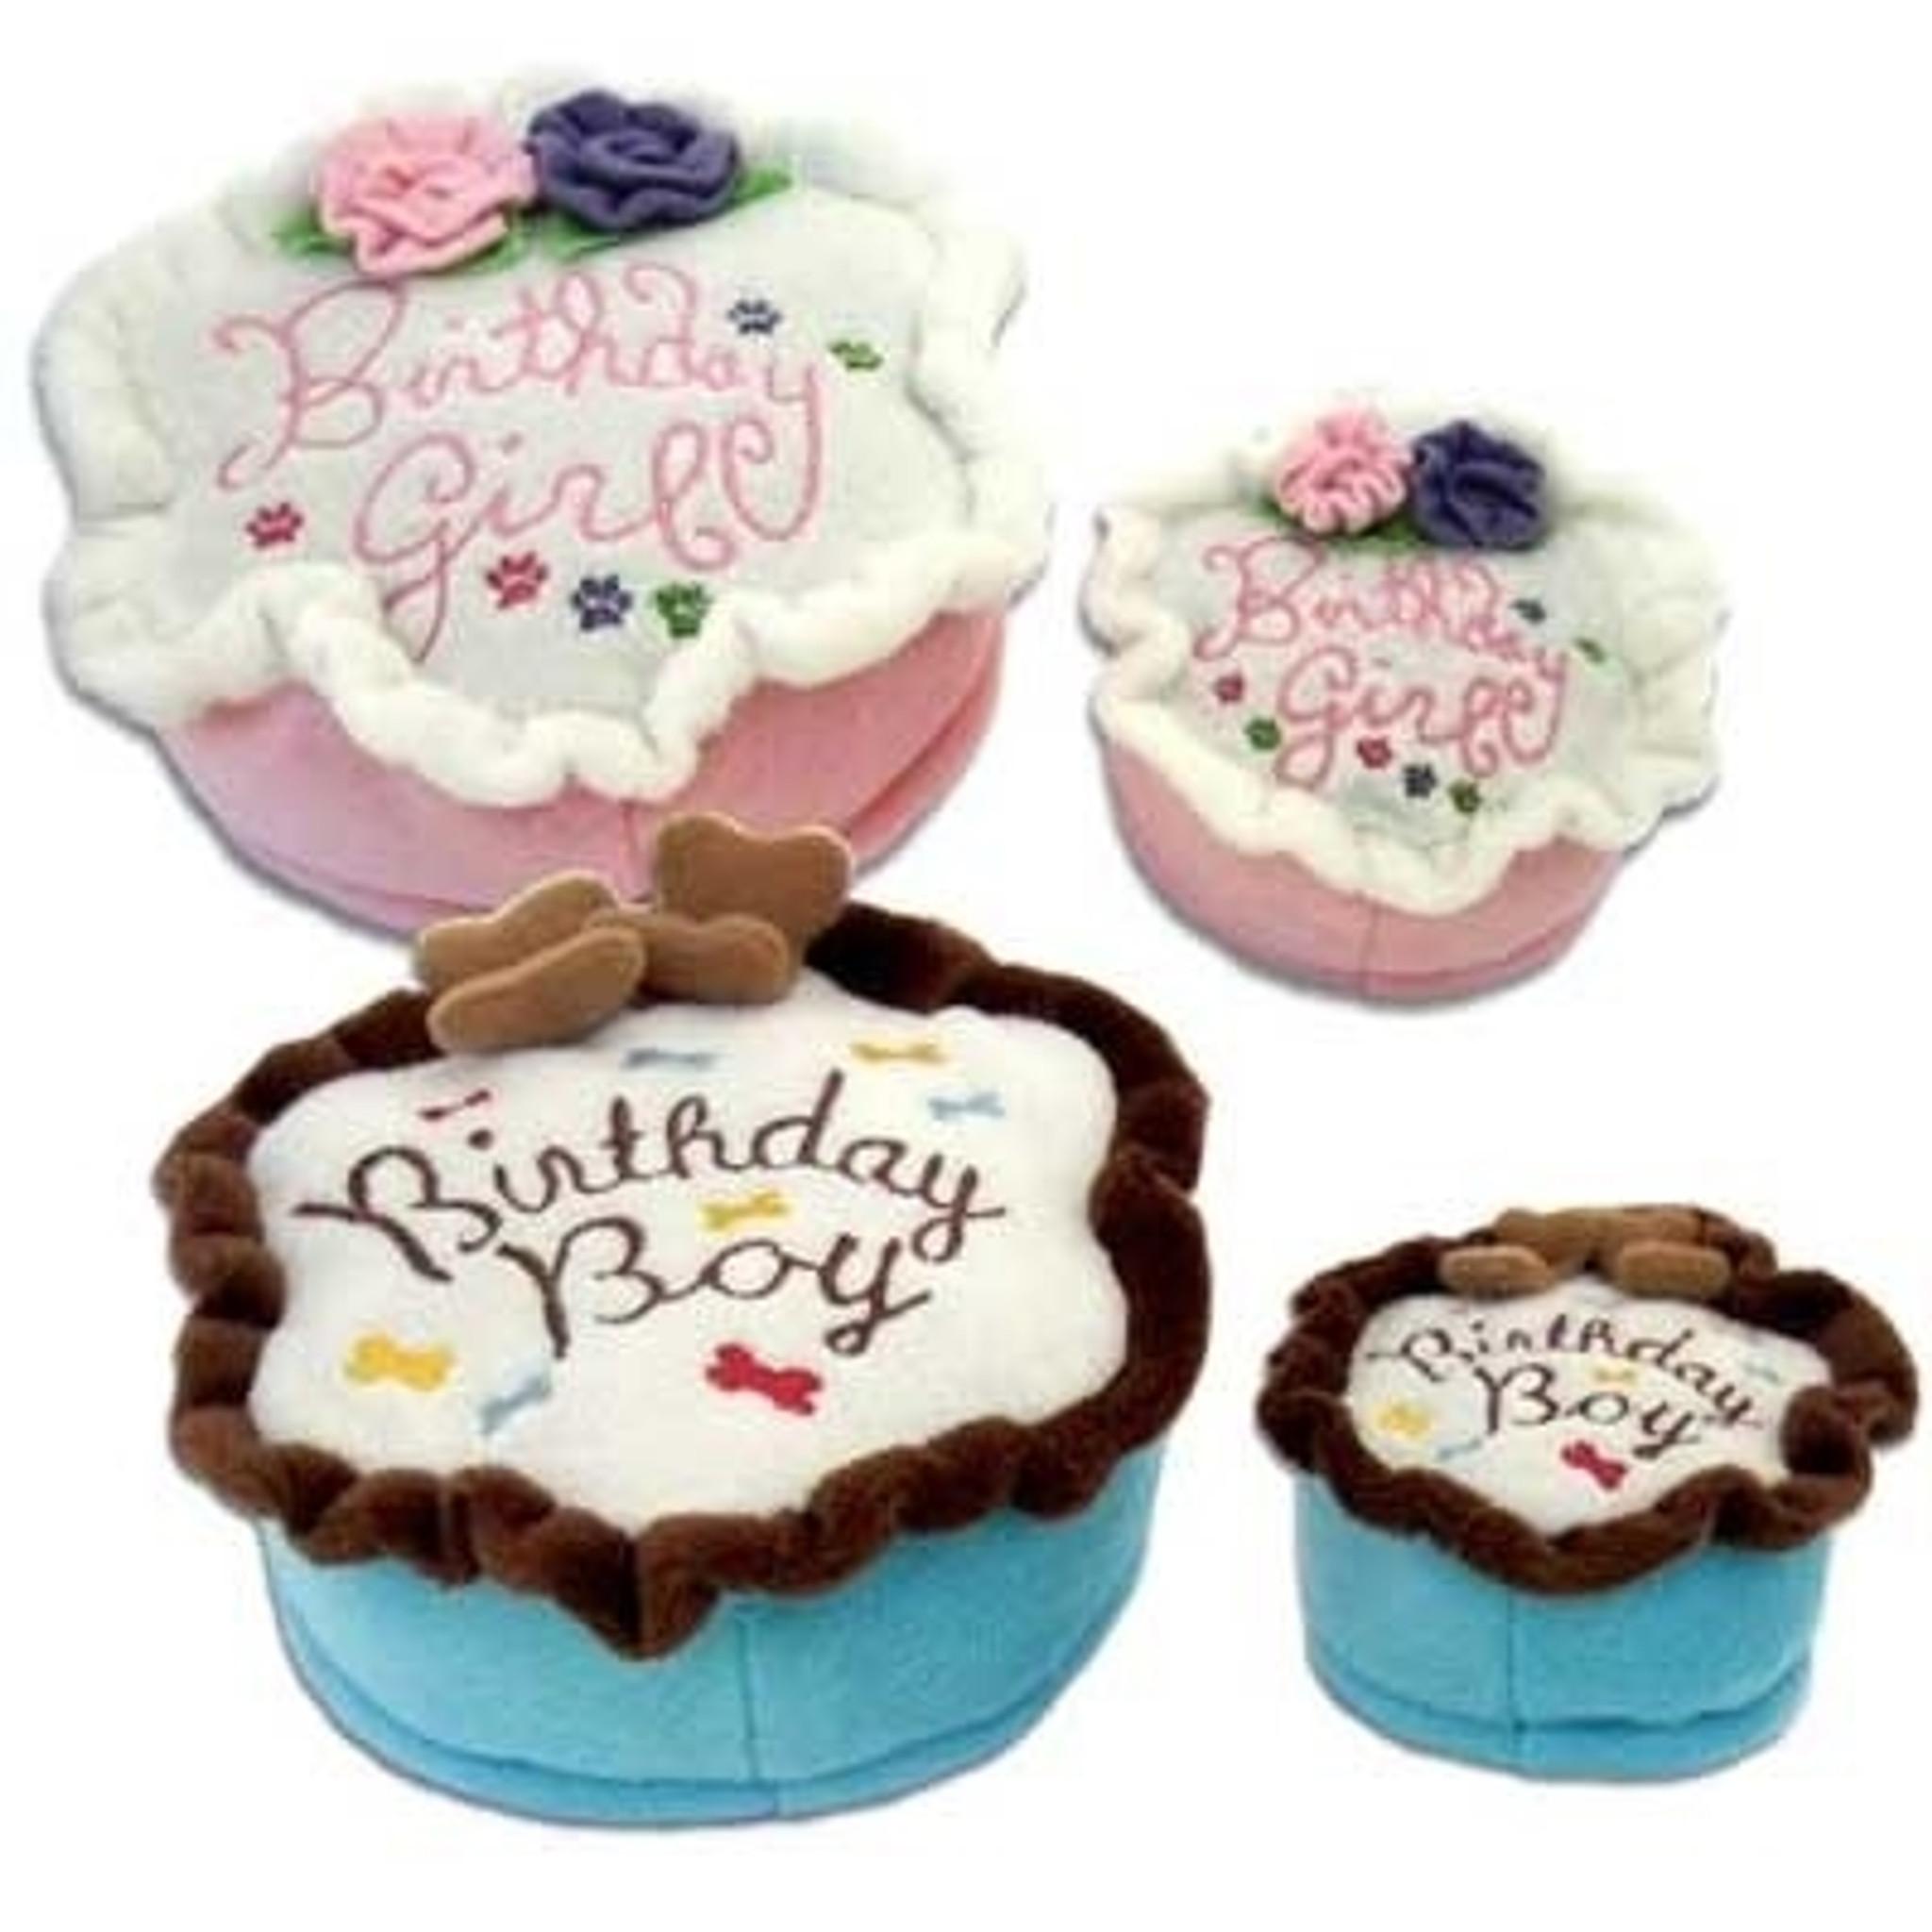 Enjoyable Dog Toy Birthday Cake Dog Toy Designer Dog Toy Funny Birthday Cards Online Alyptdamsfinfo